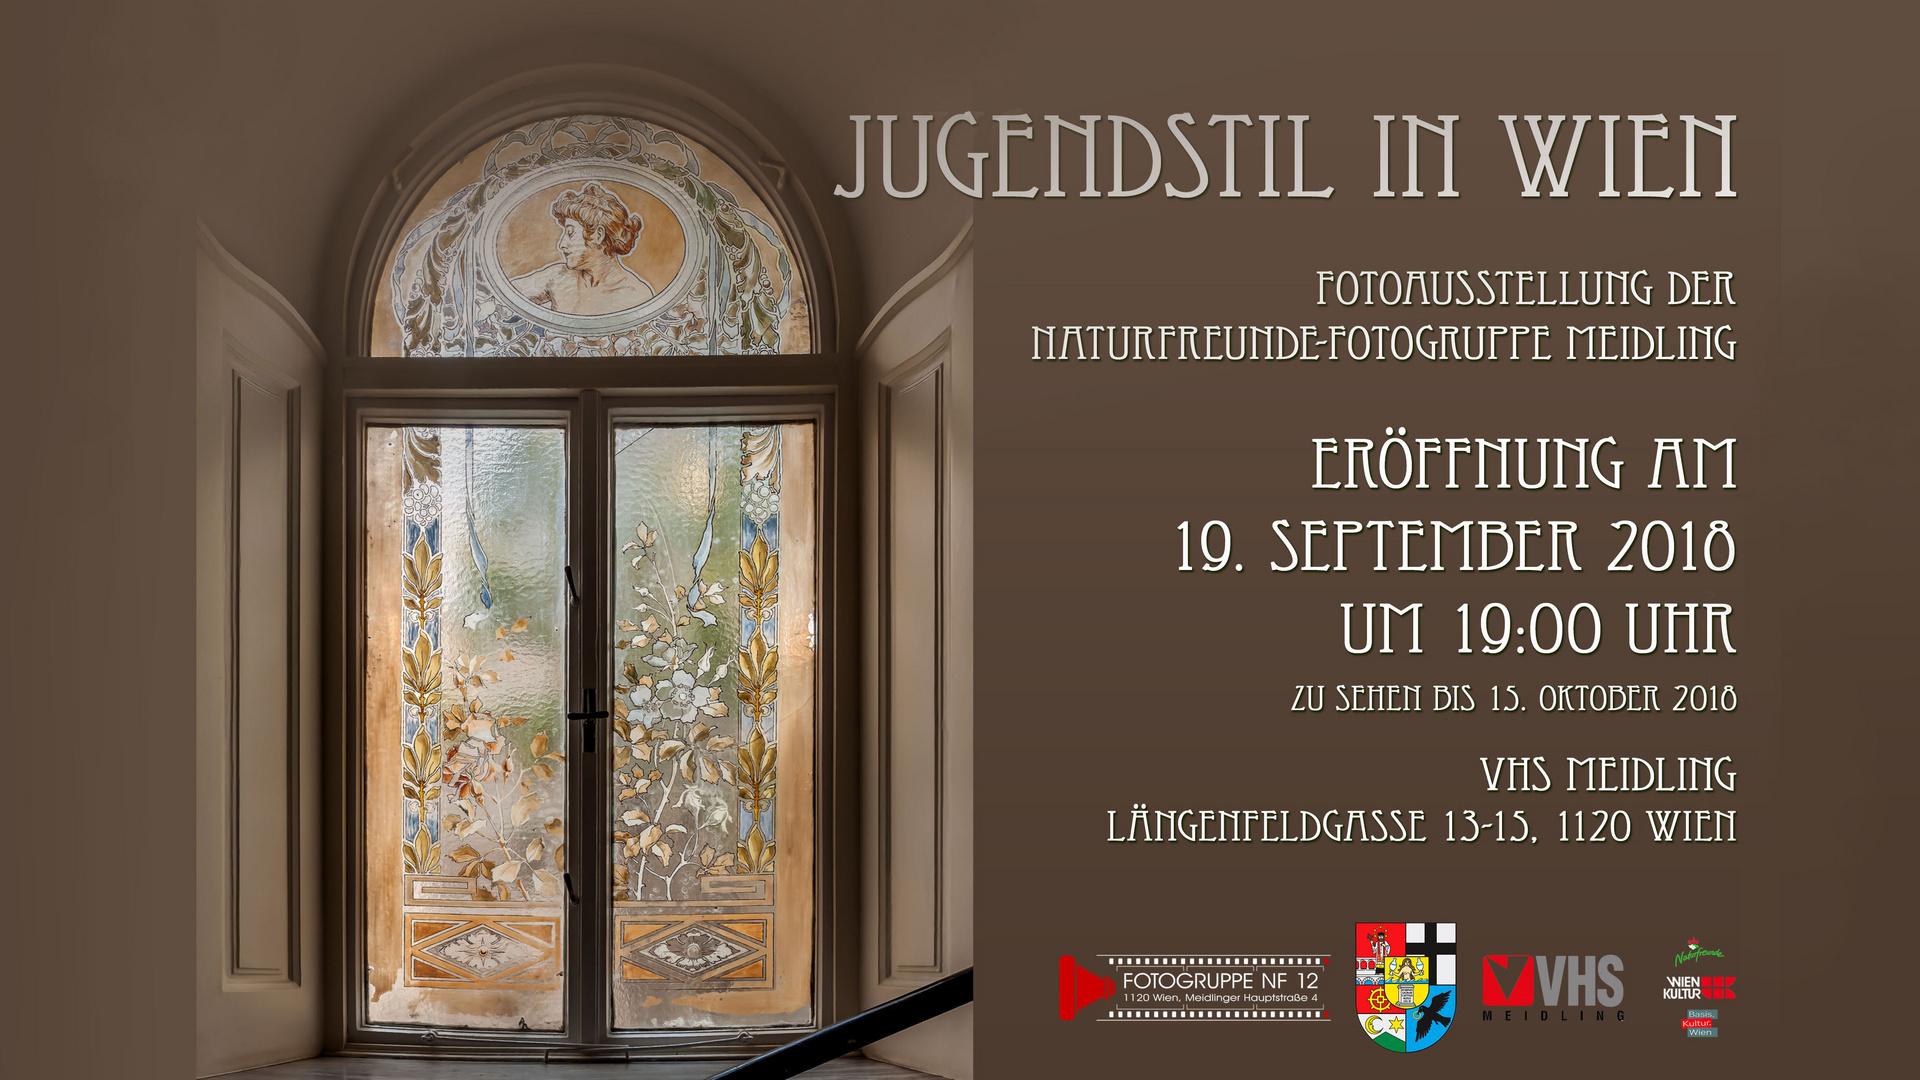 Fotoausstellung-Jugendstil in Wien